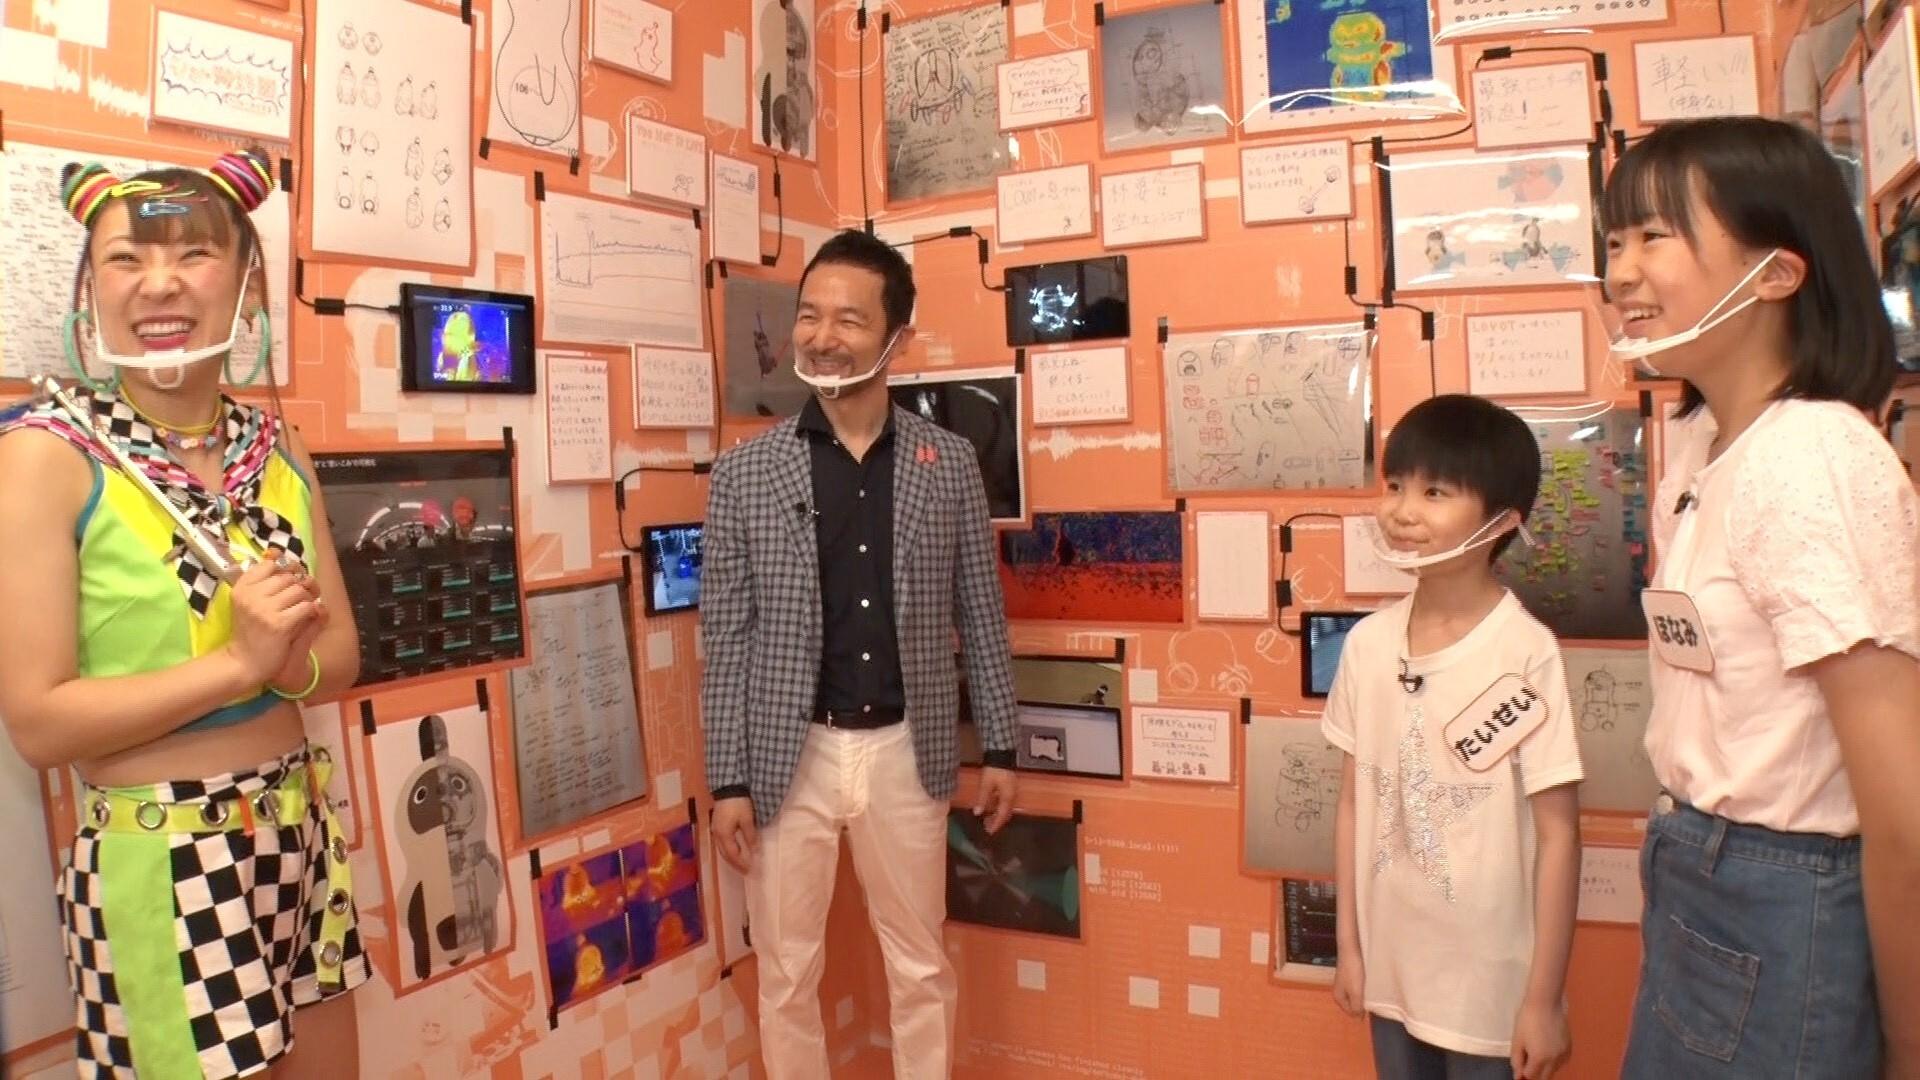 フワちゃん&劇団ひとりが生徒代表に!無料オンライン講座「進研ゼミこども大学」とTVCMに出演